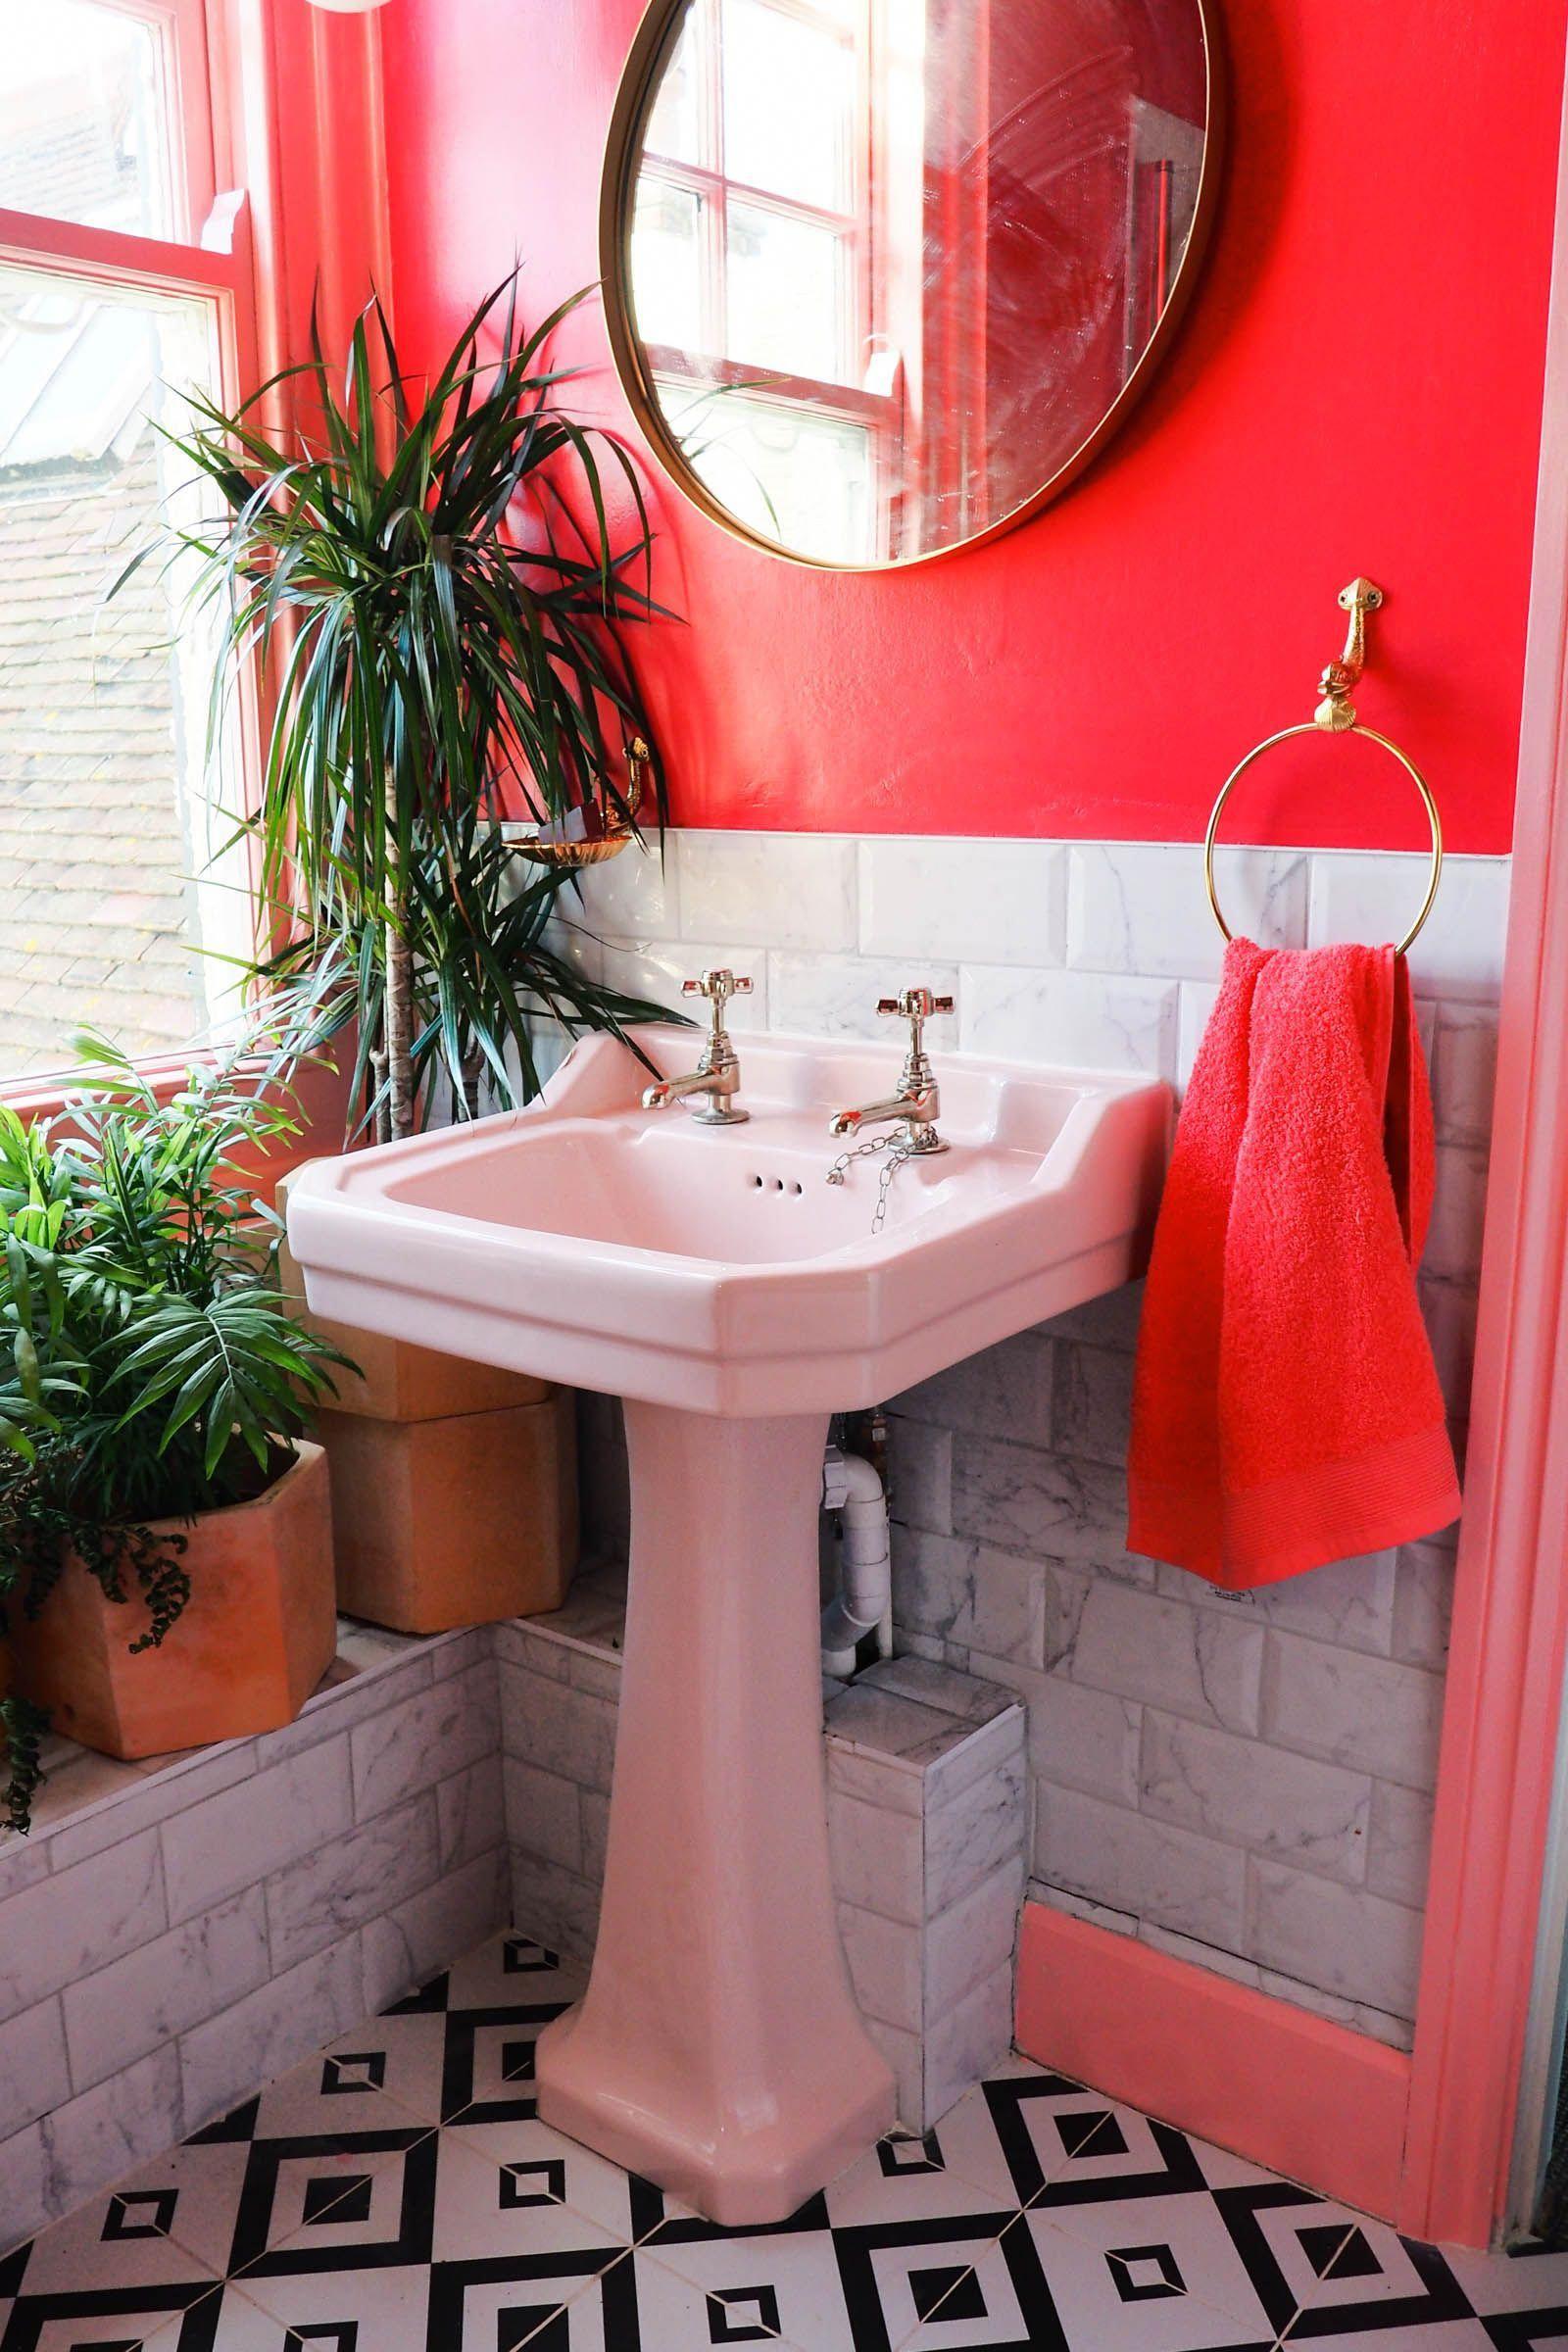 Mint Green Bathroom Greenbathroom Bathroom Red Red Bathroom Decor Green Bathroom Accessories